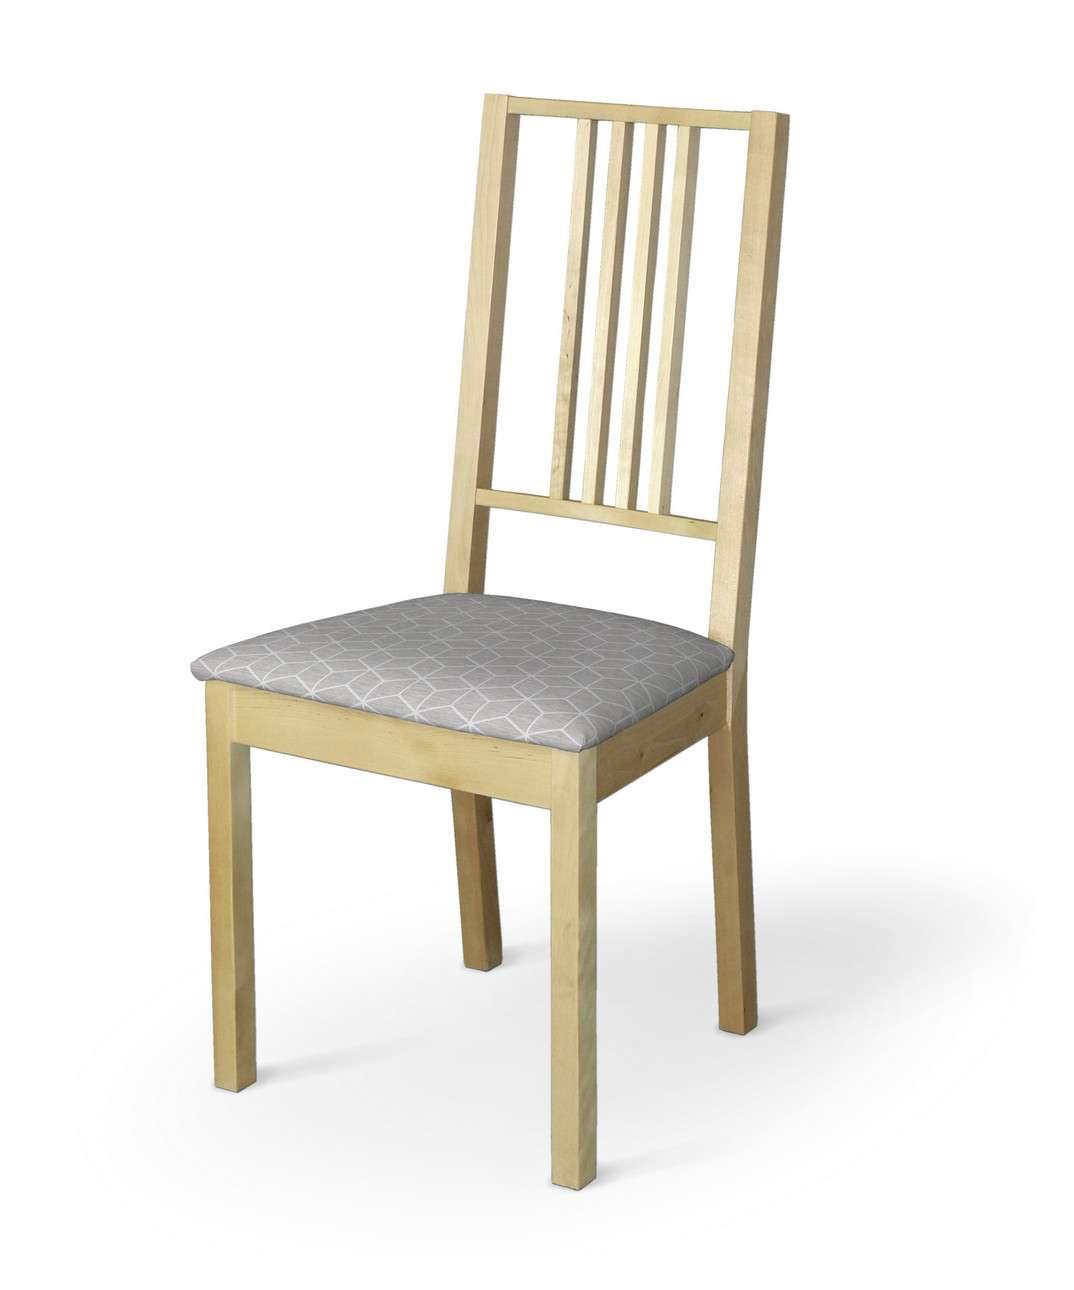 Pokrowiec na siedzisko Börje w kolekcji Sunny, tkanina: 143-50